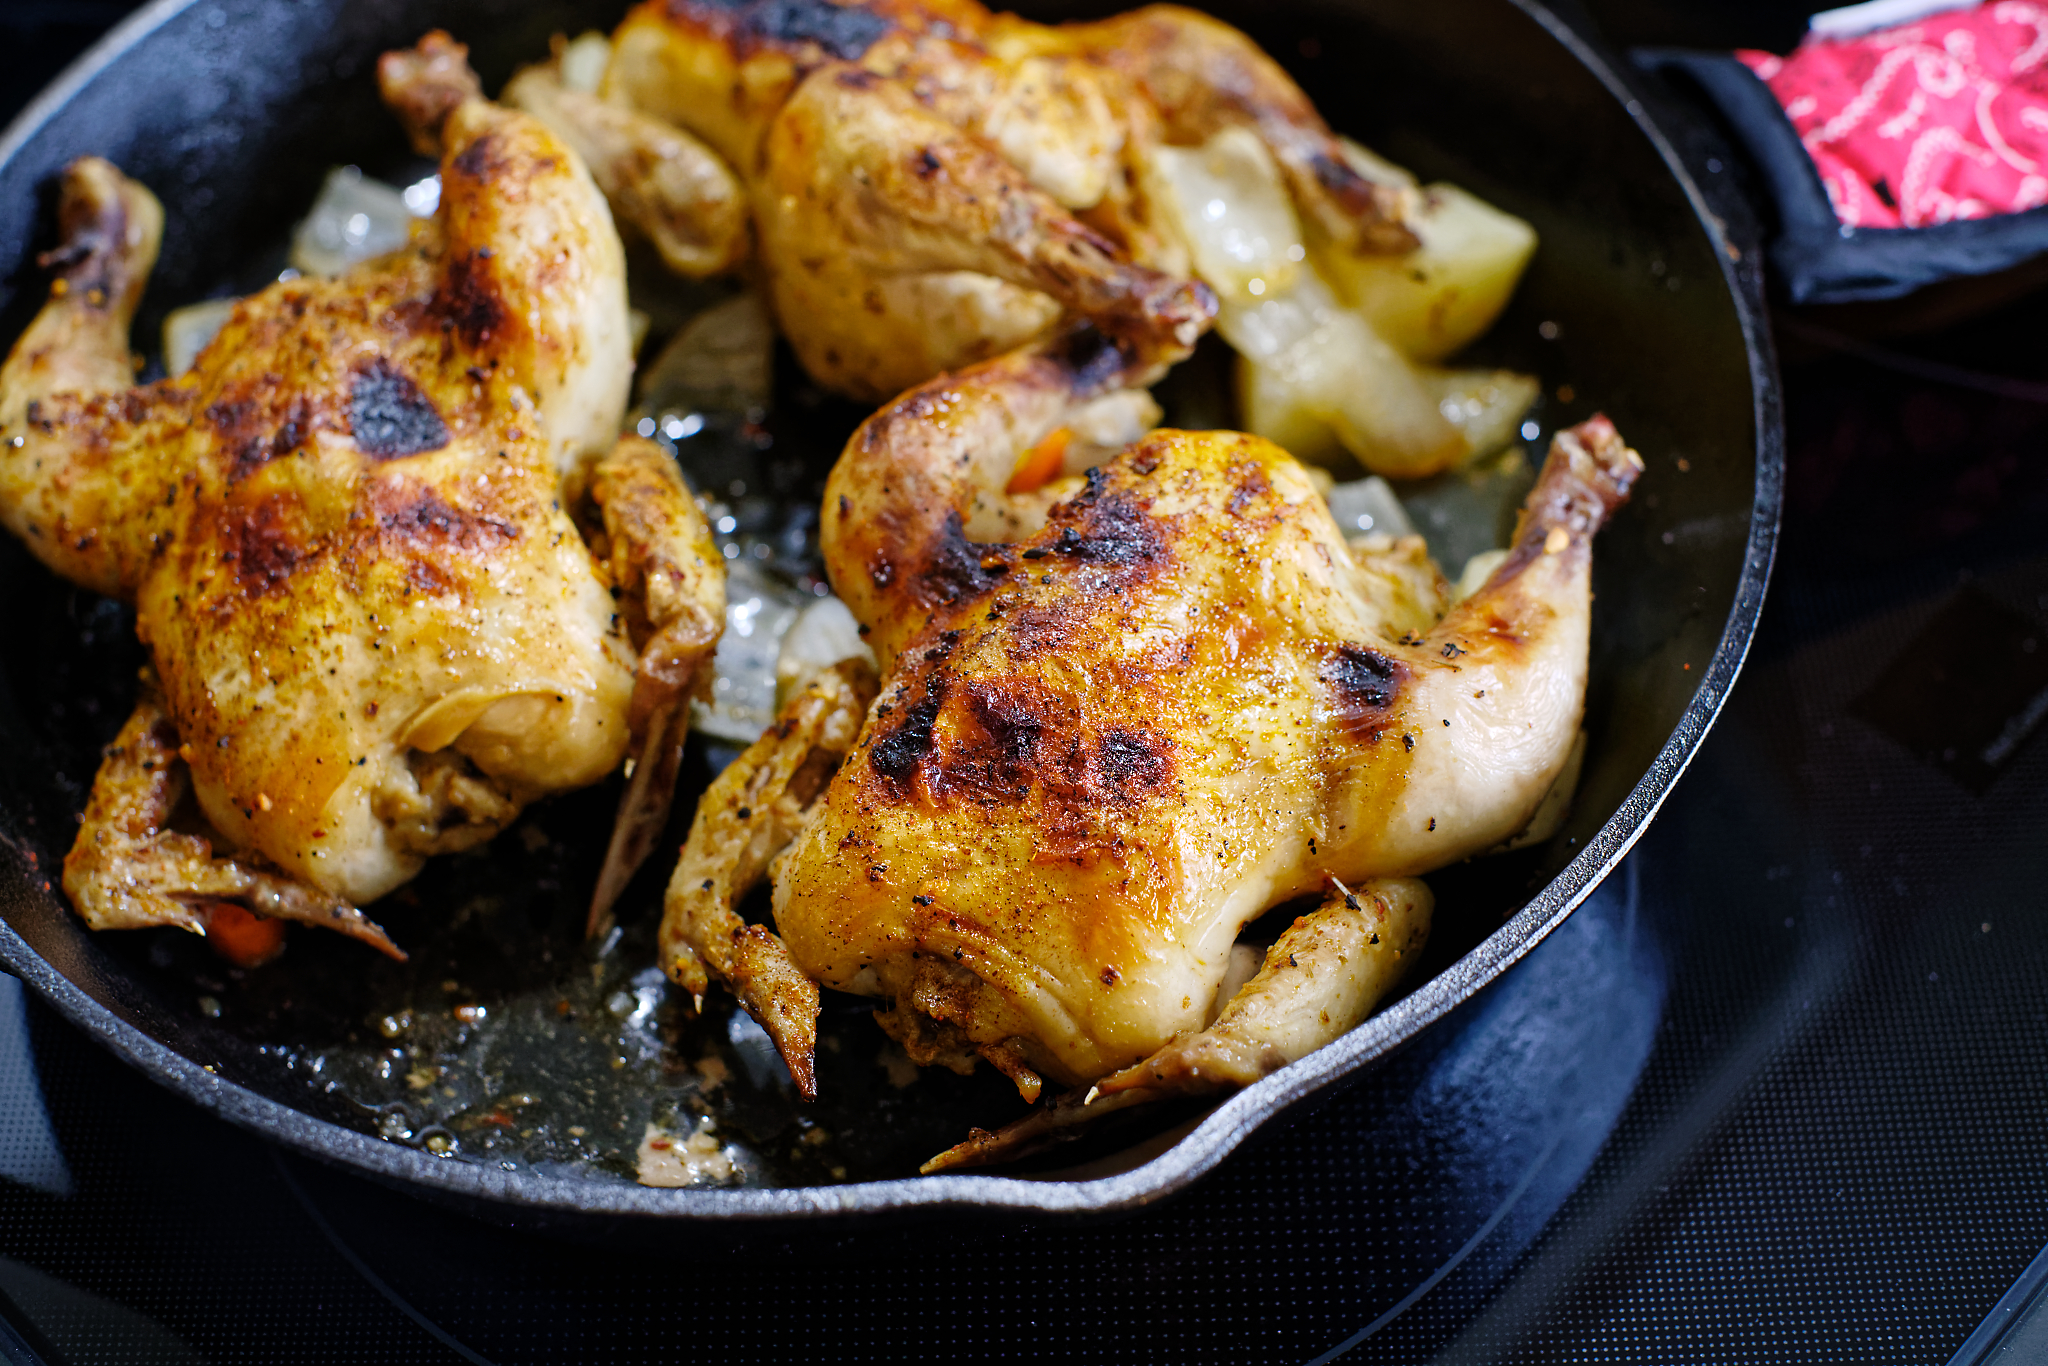 Slow roasted cornish game hens